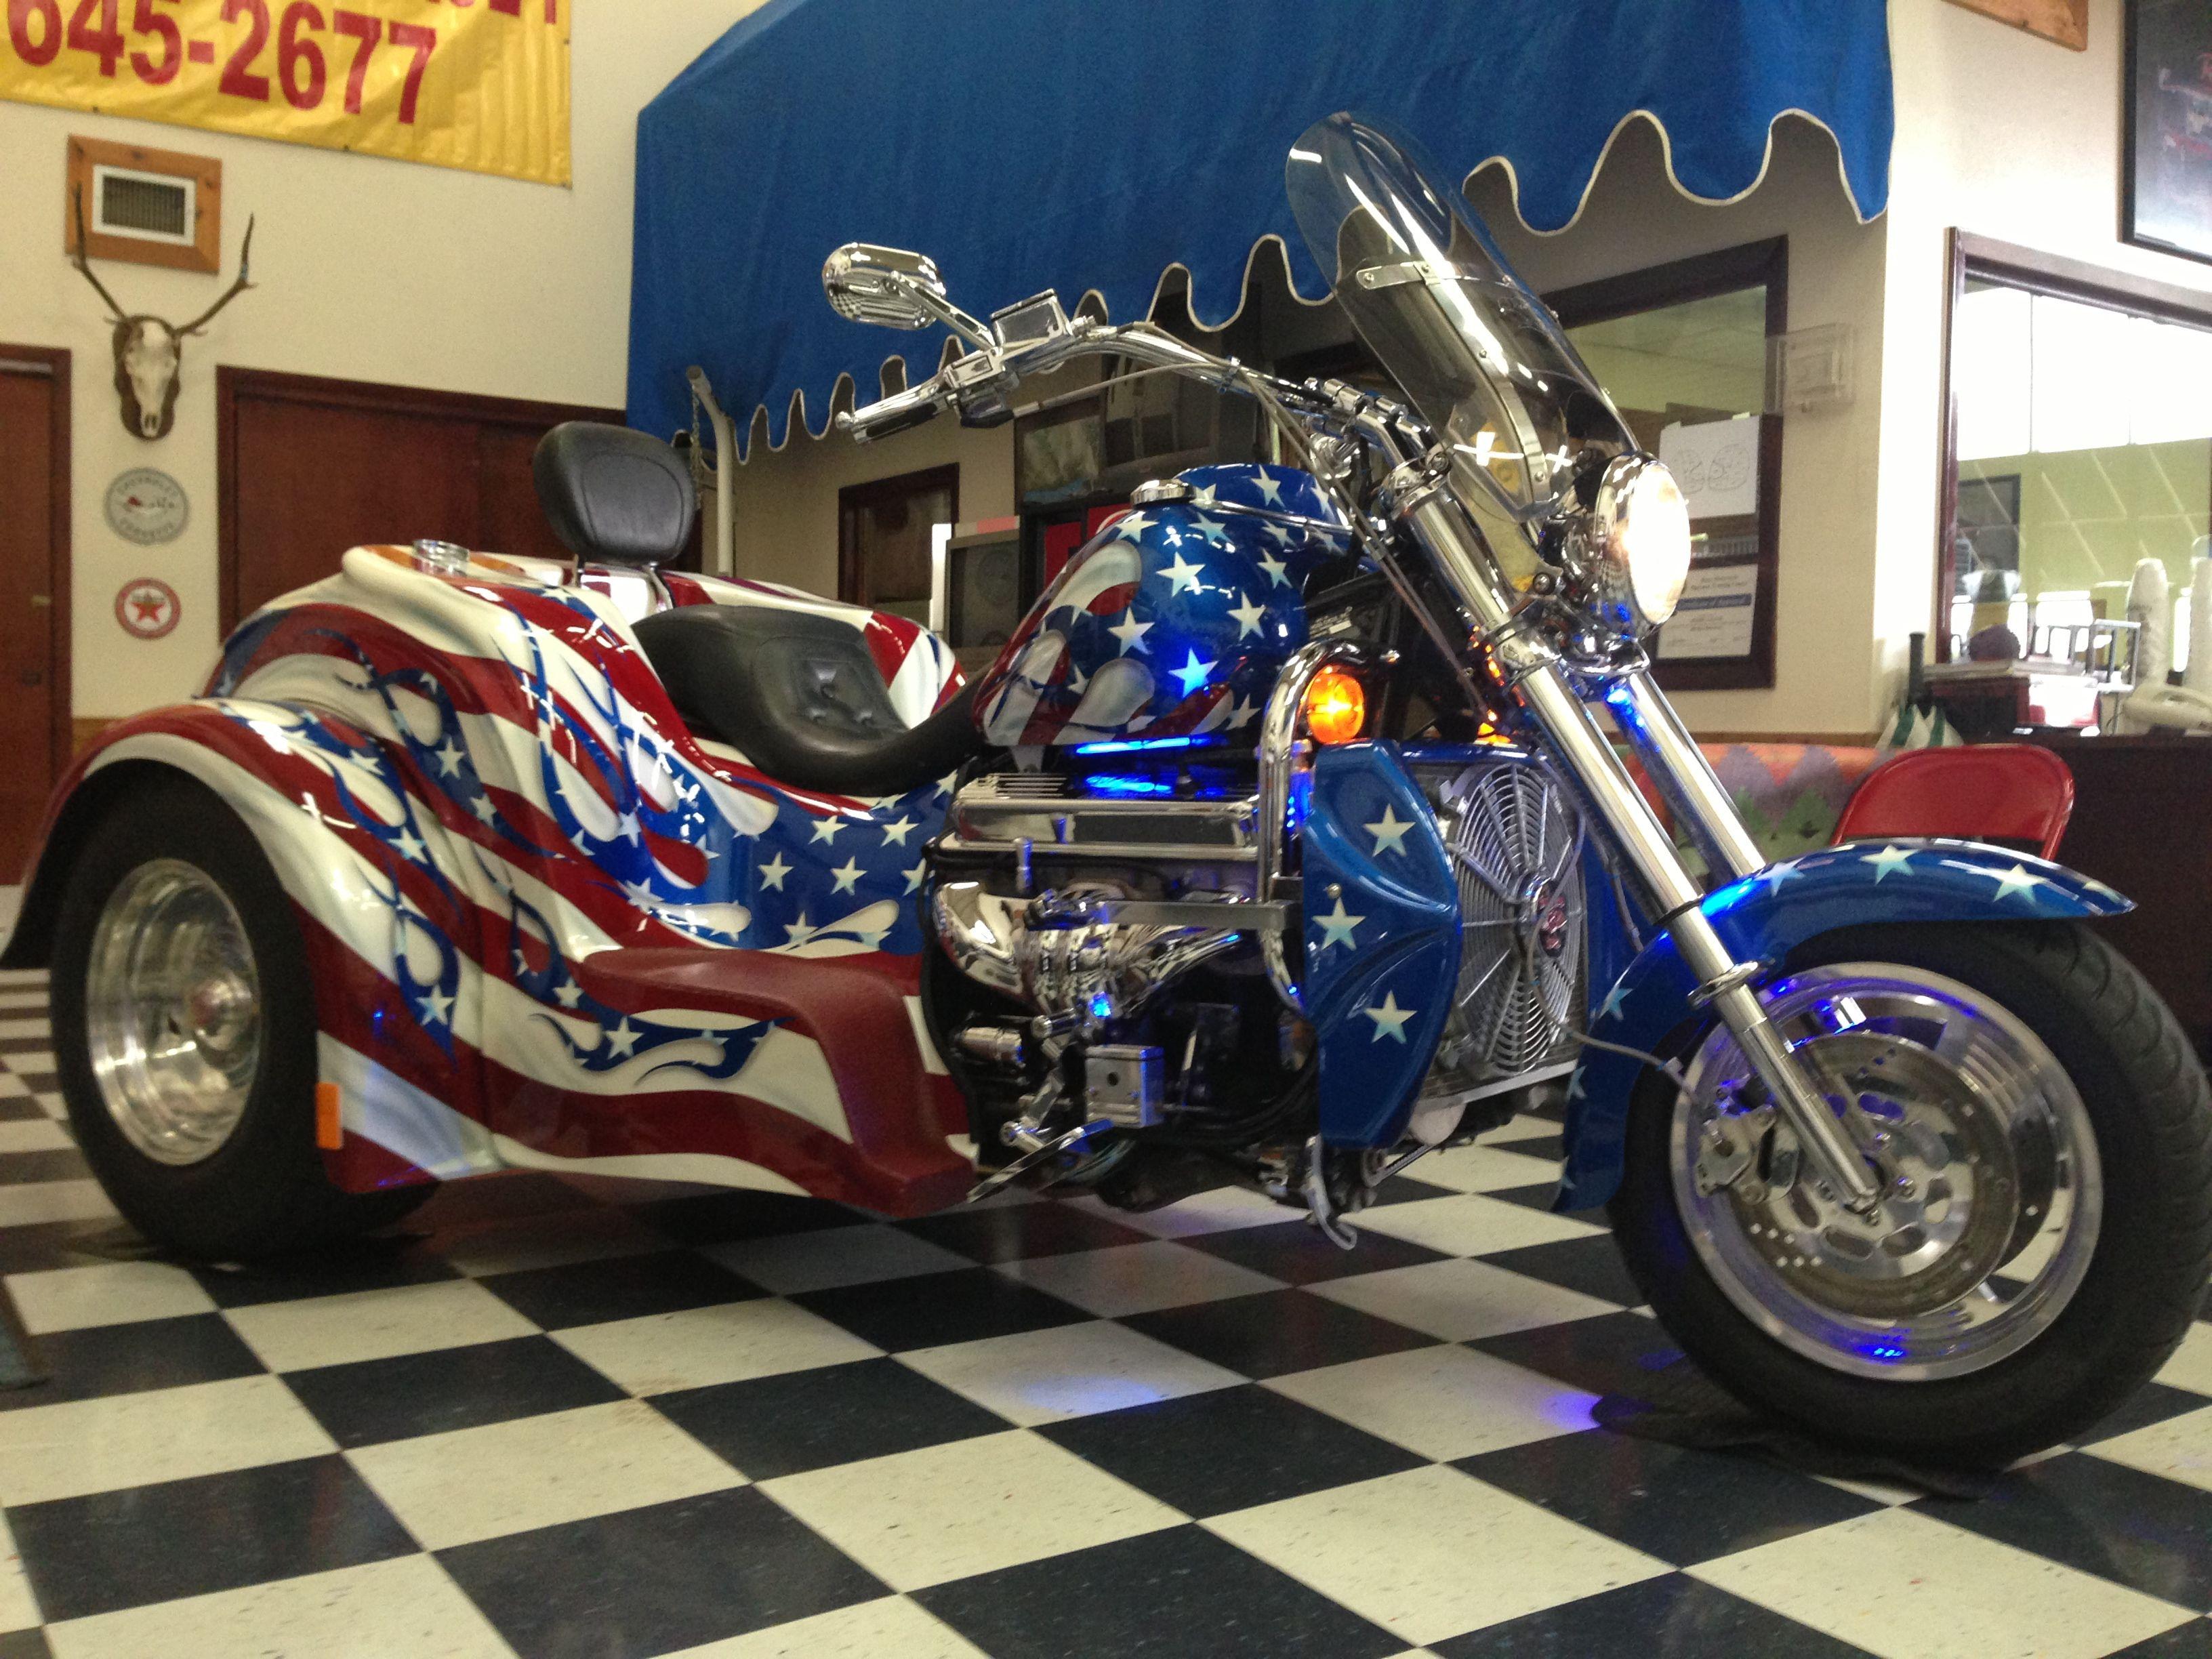 Harley davidson boss hoss trike boss hoss cycles of houston 713 645